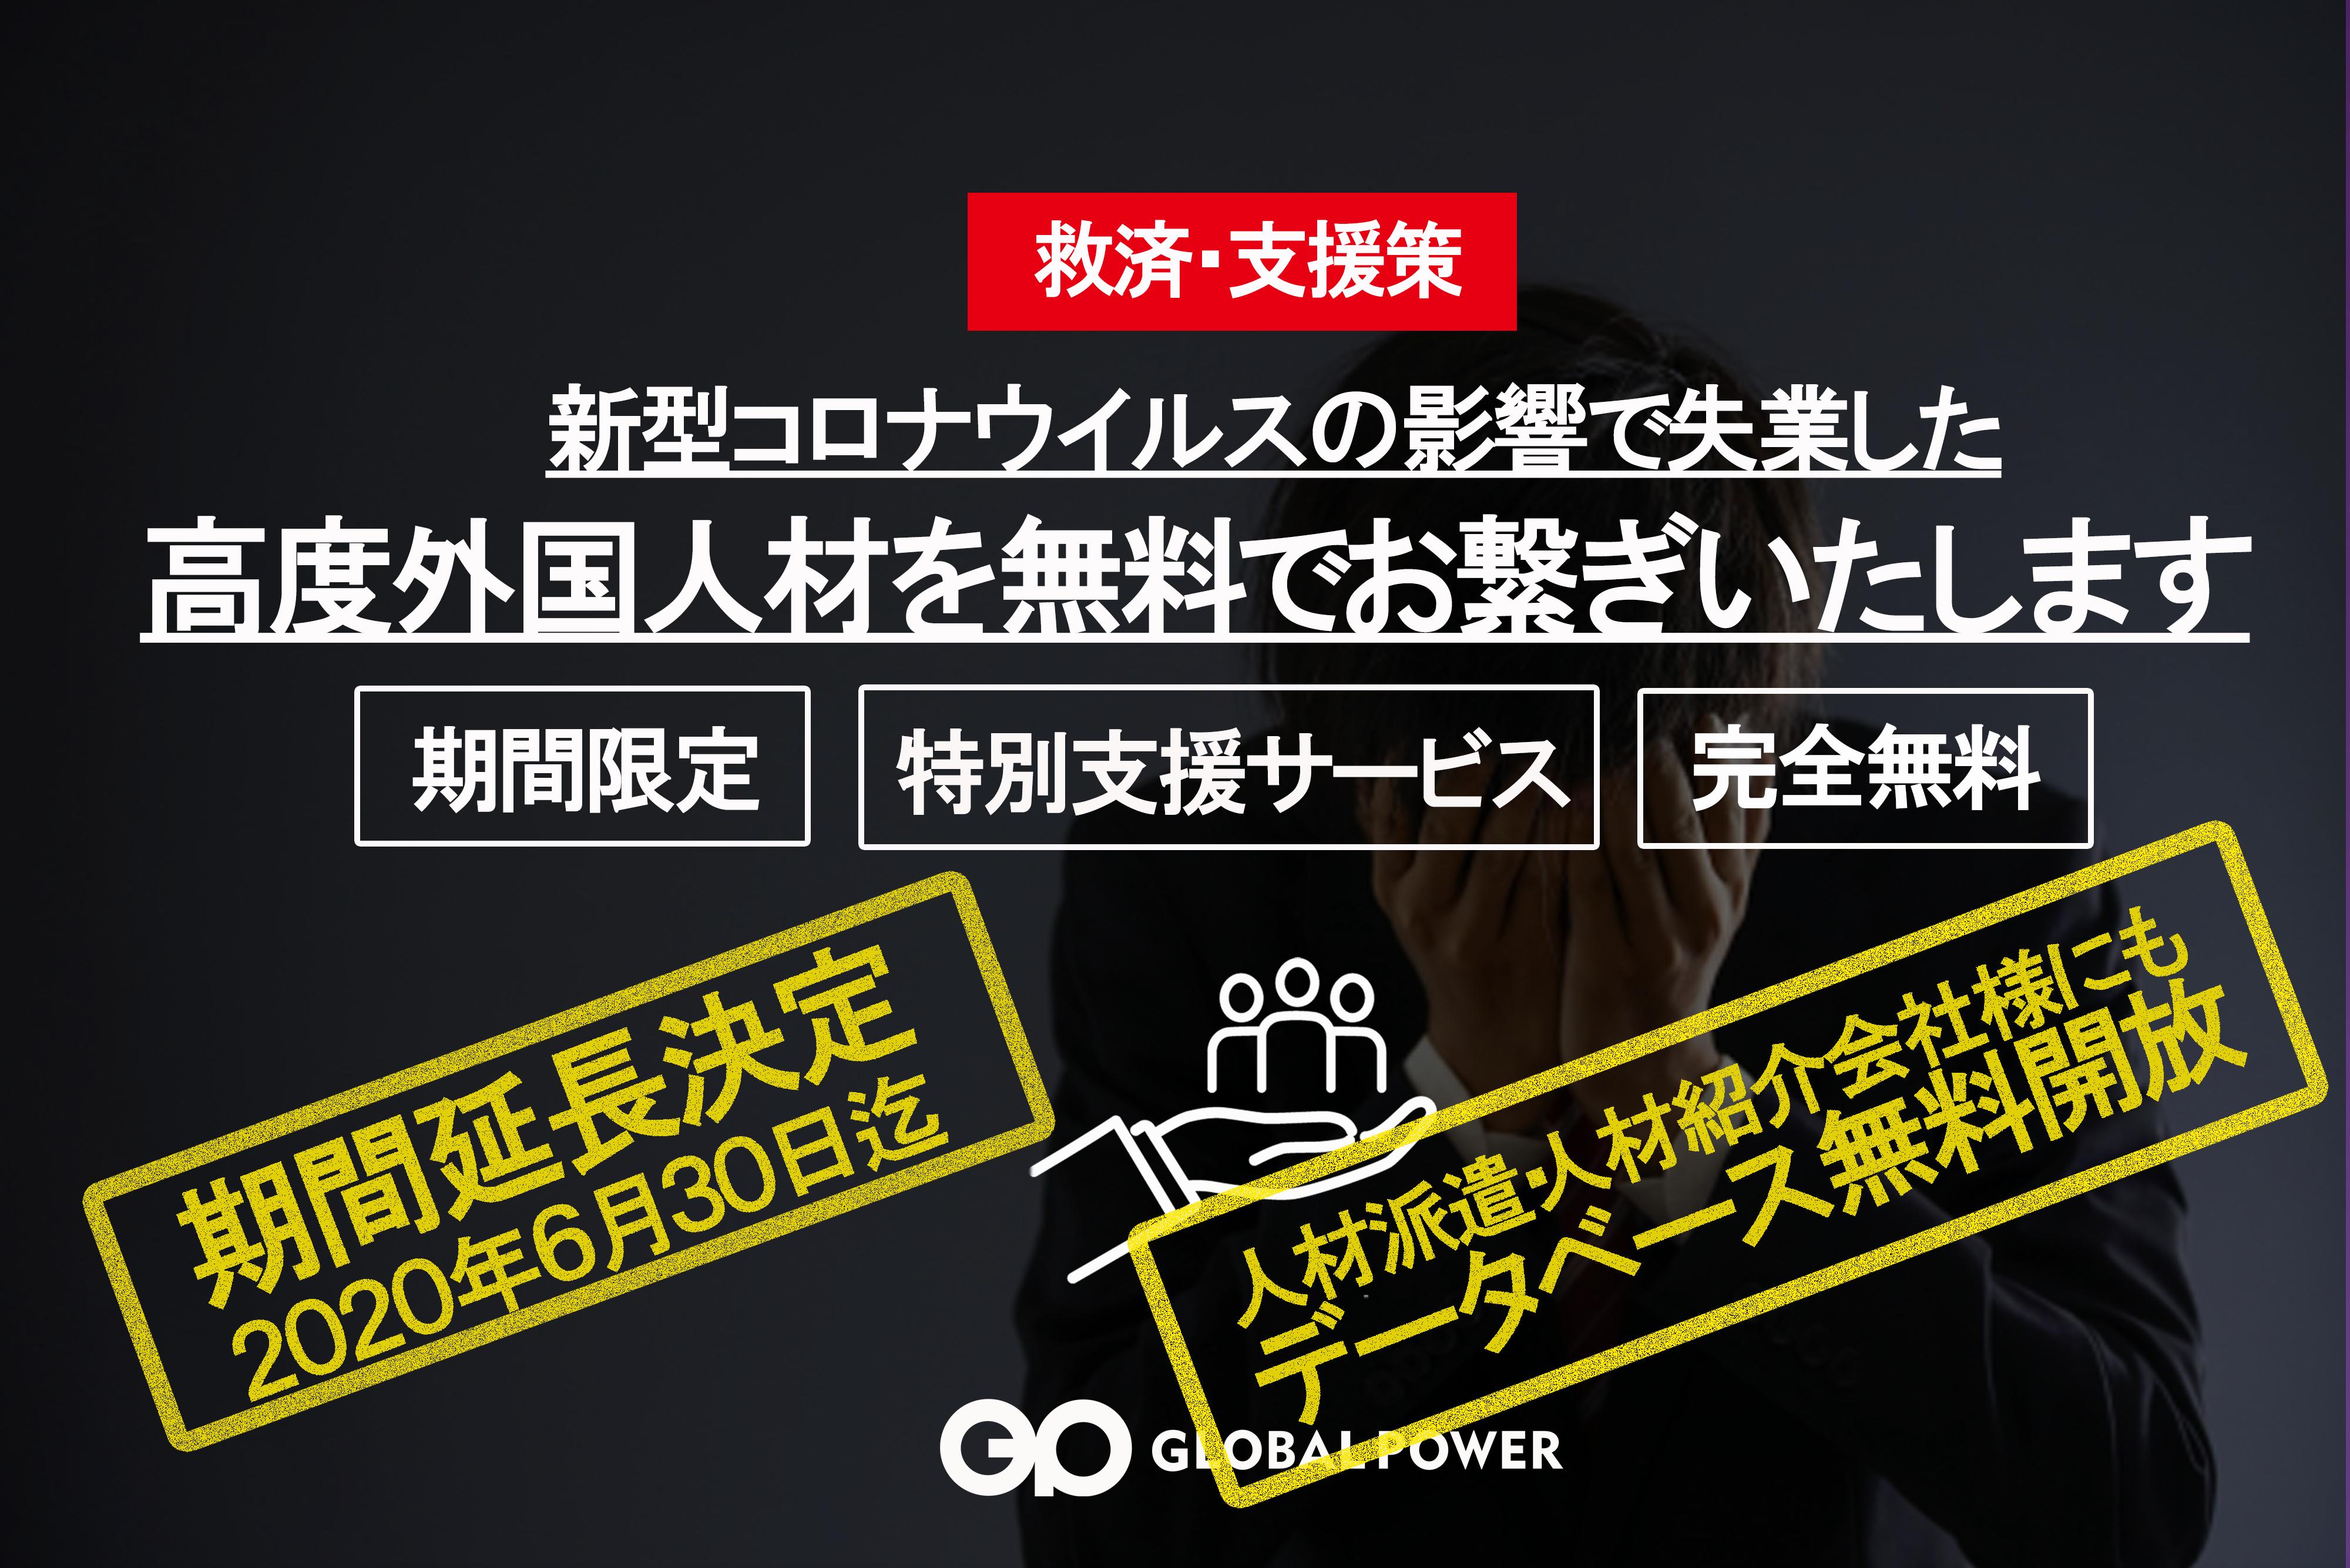 【終了】失業外国人無料紹介サービス期間延長、人材派遣会社・人材紹介会社にもデータベース開放